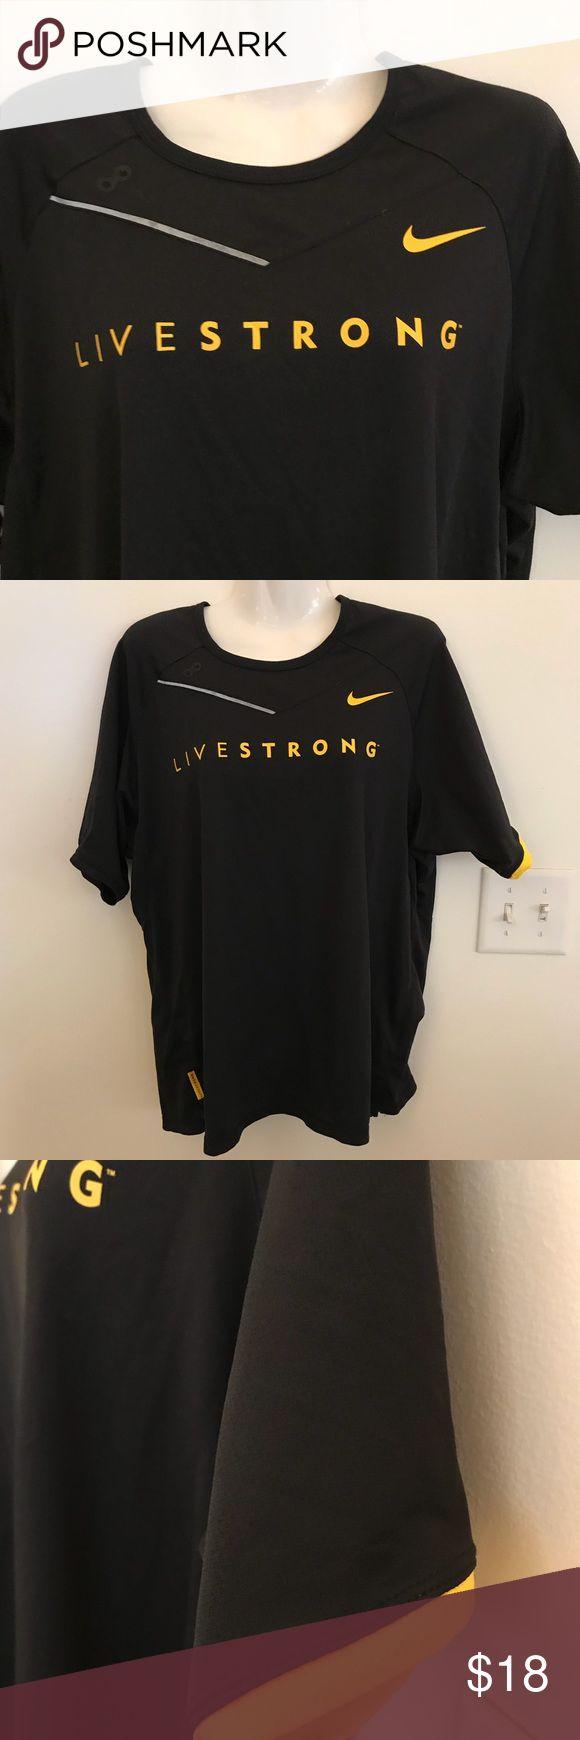 LIVESTRONG shirt! Nike LIVESTRONG shirt! Nike Shirts Tees - Short Sleeve